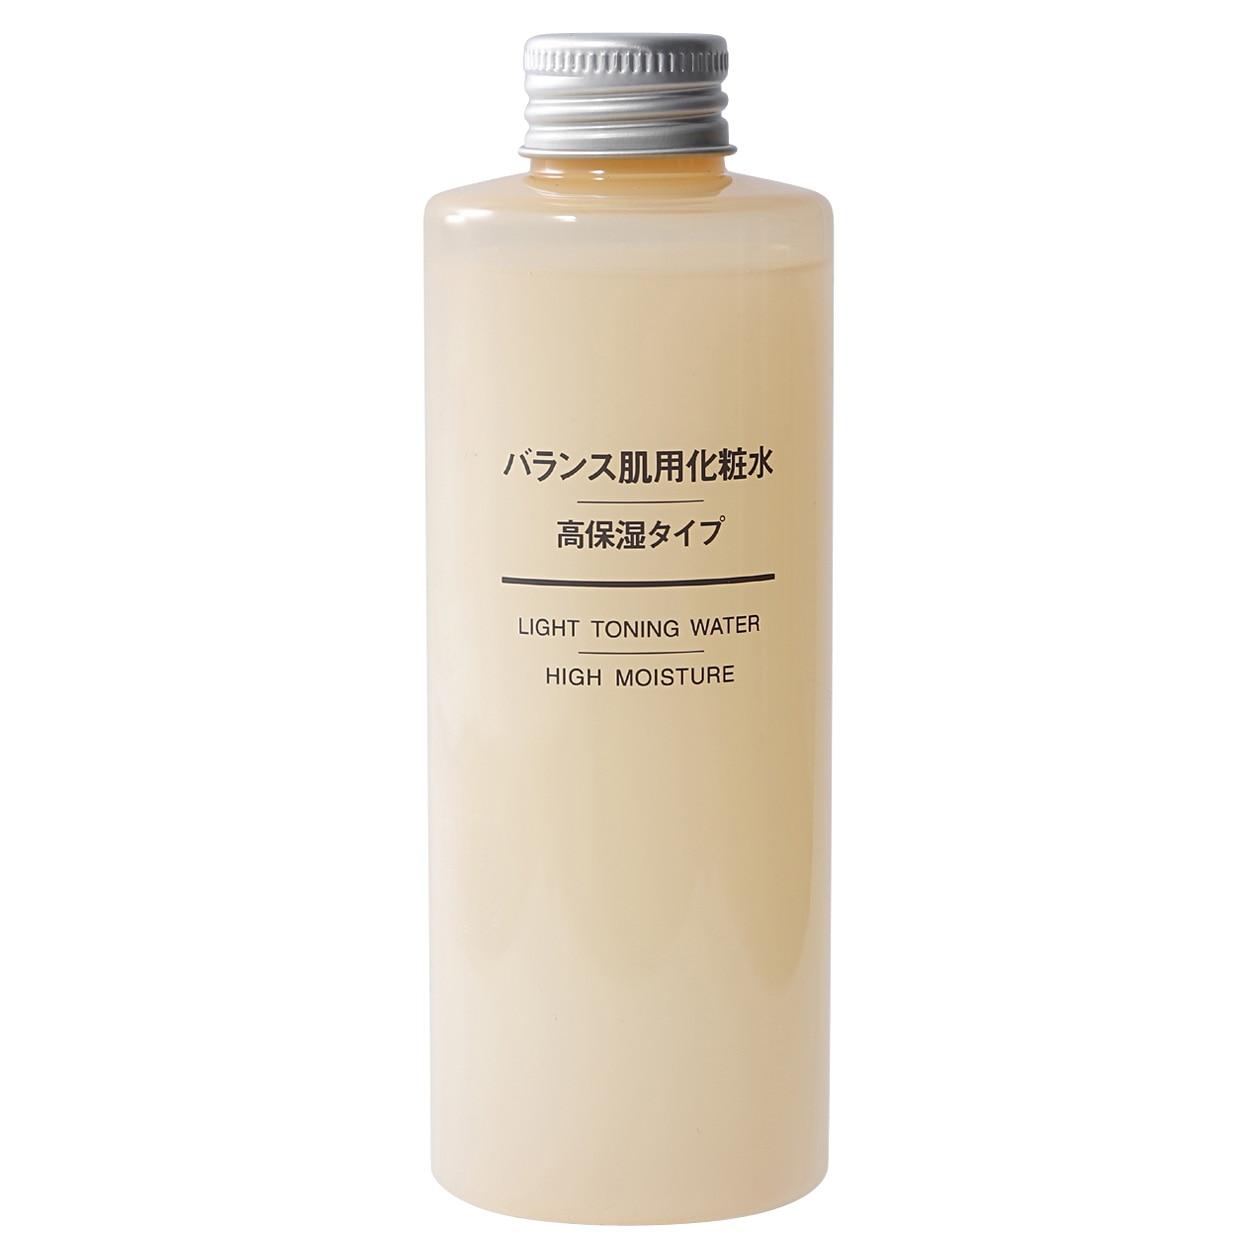 バランス肌用化粧水・高保湿タイプ